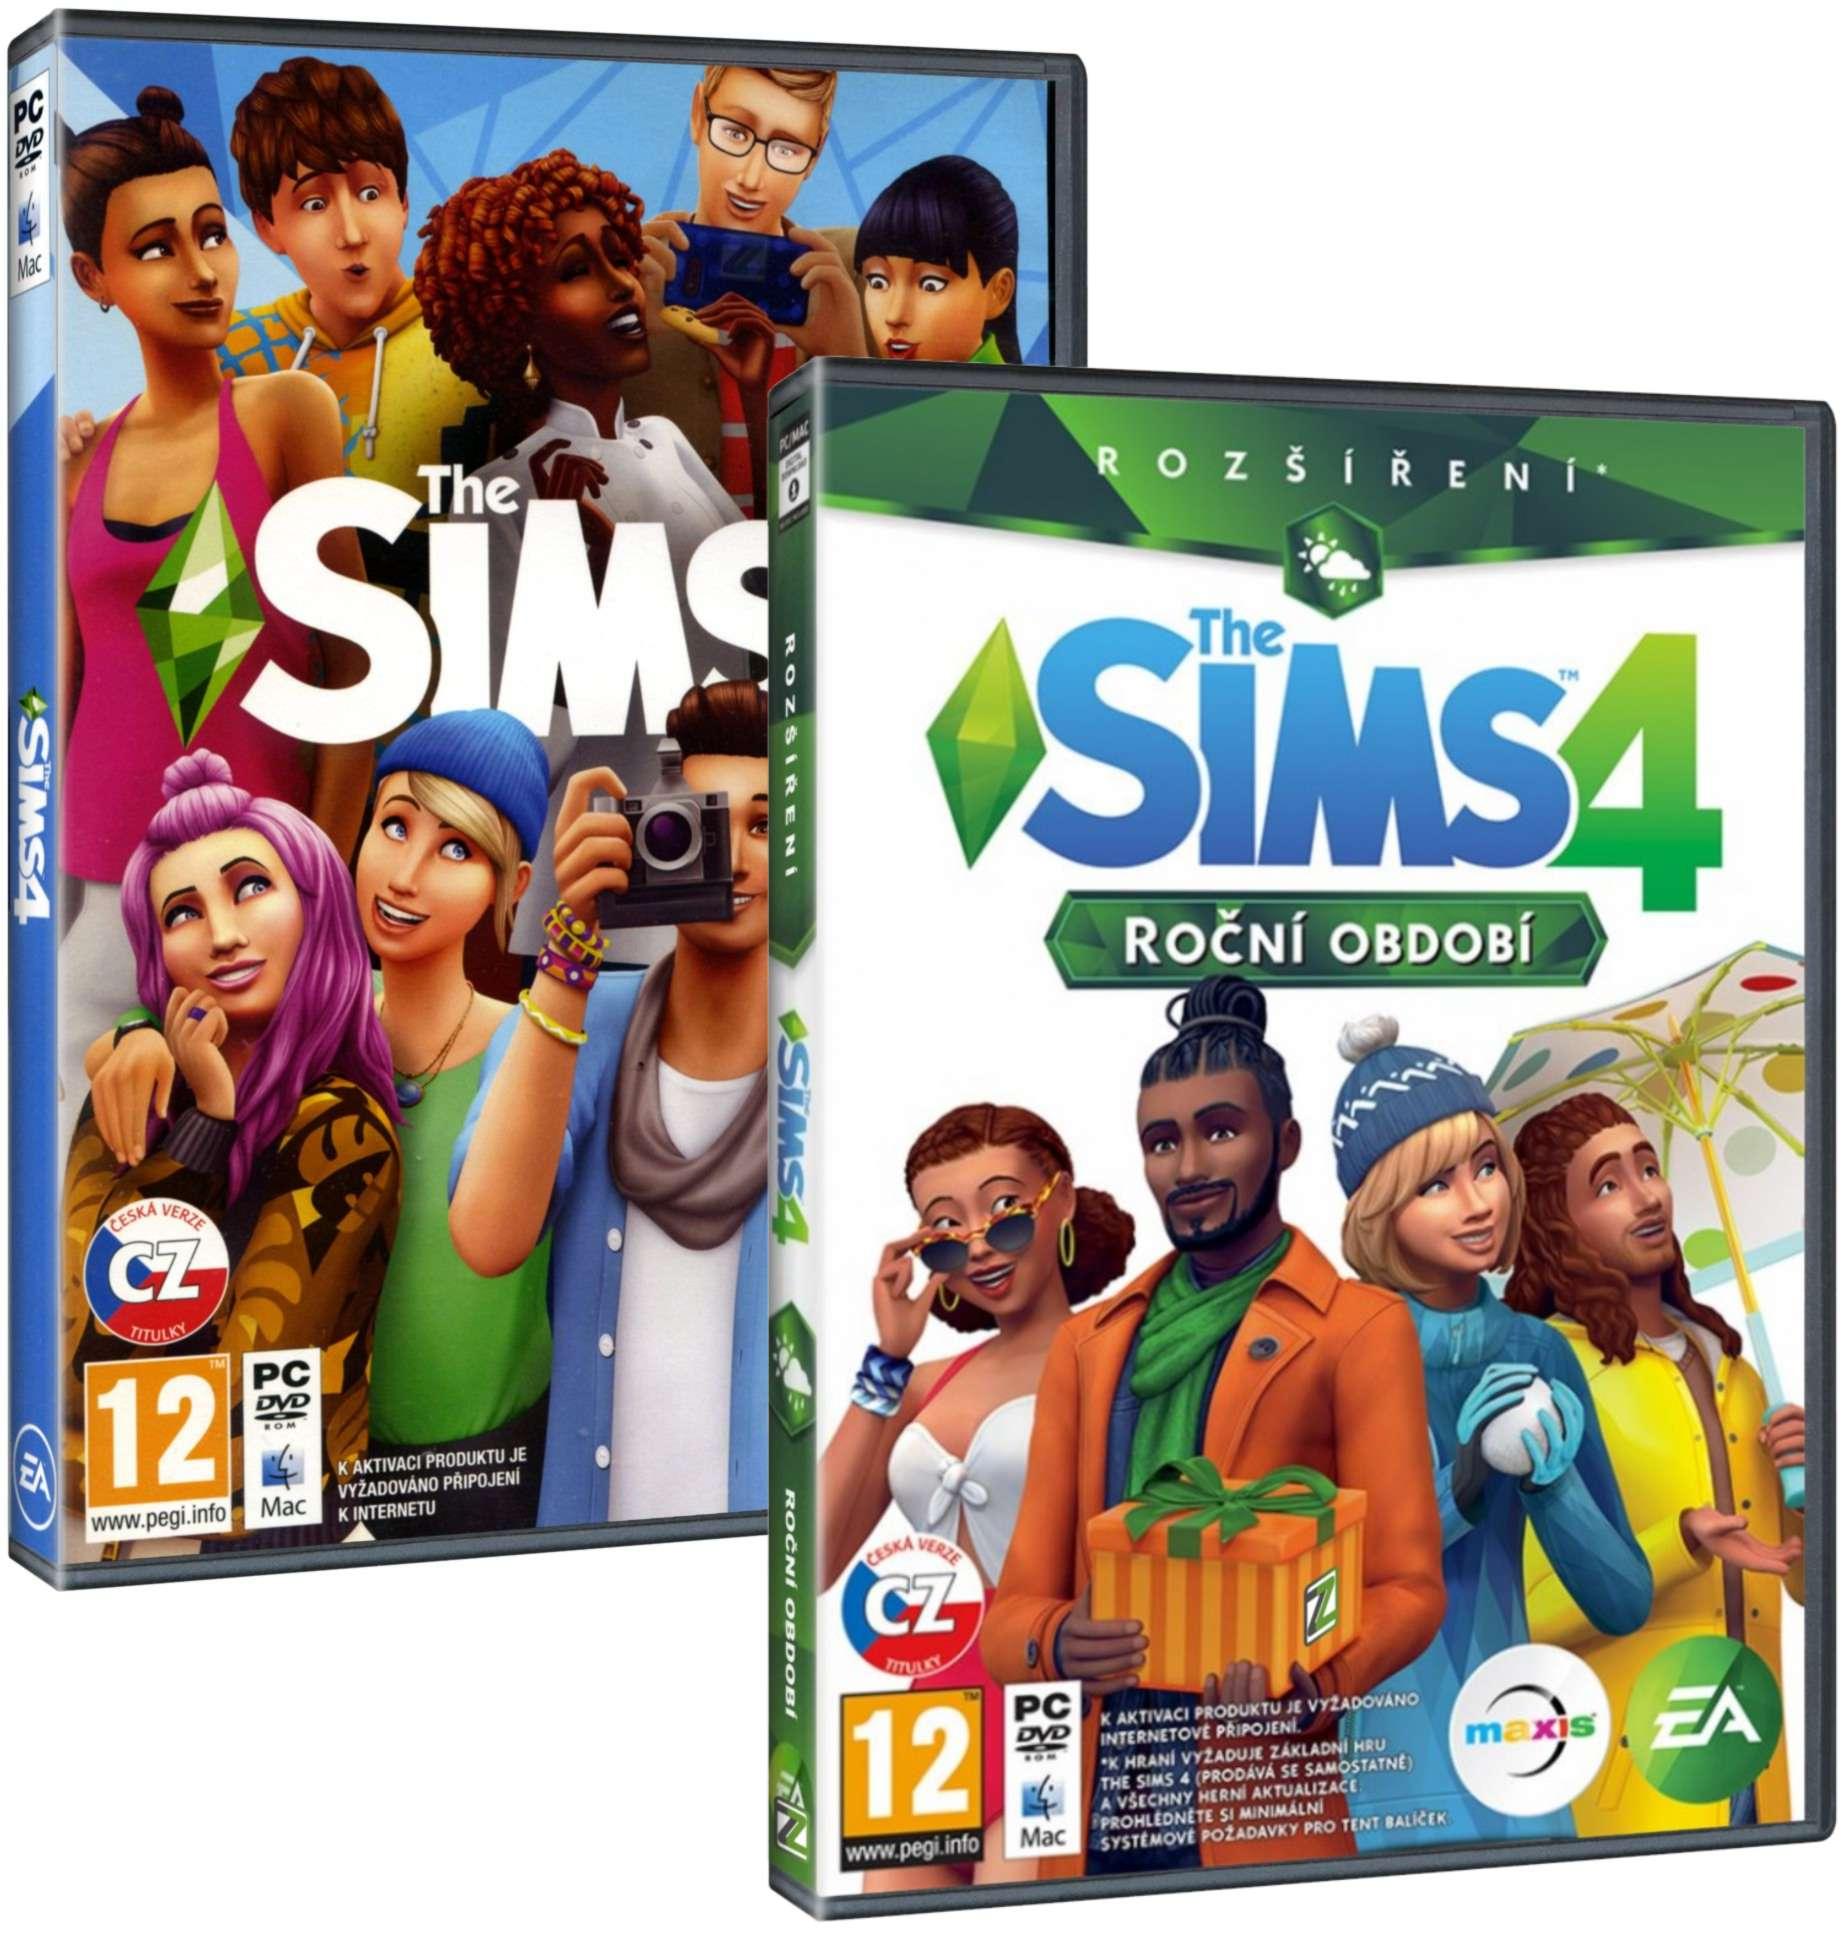 The Sims 4 + Roční období BUNDLE (základní hra + rozšíření) - PC